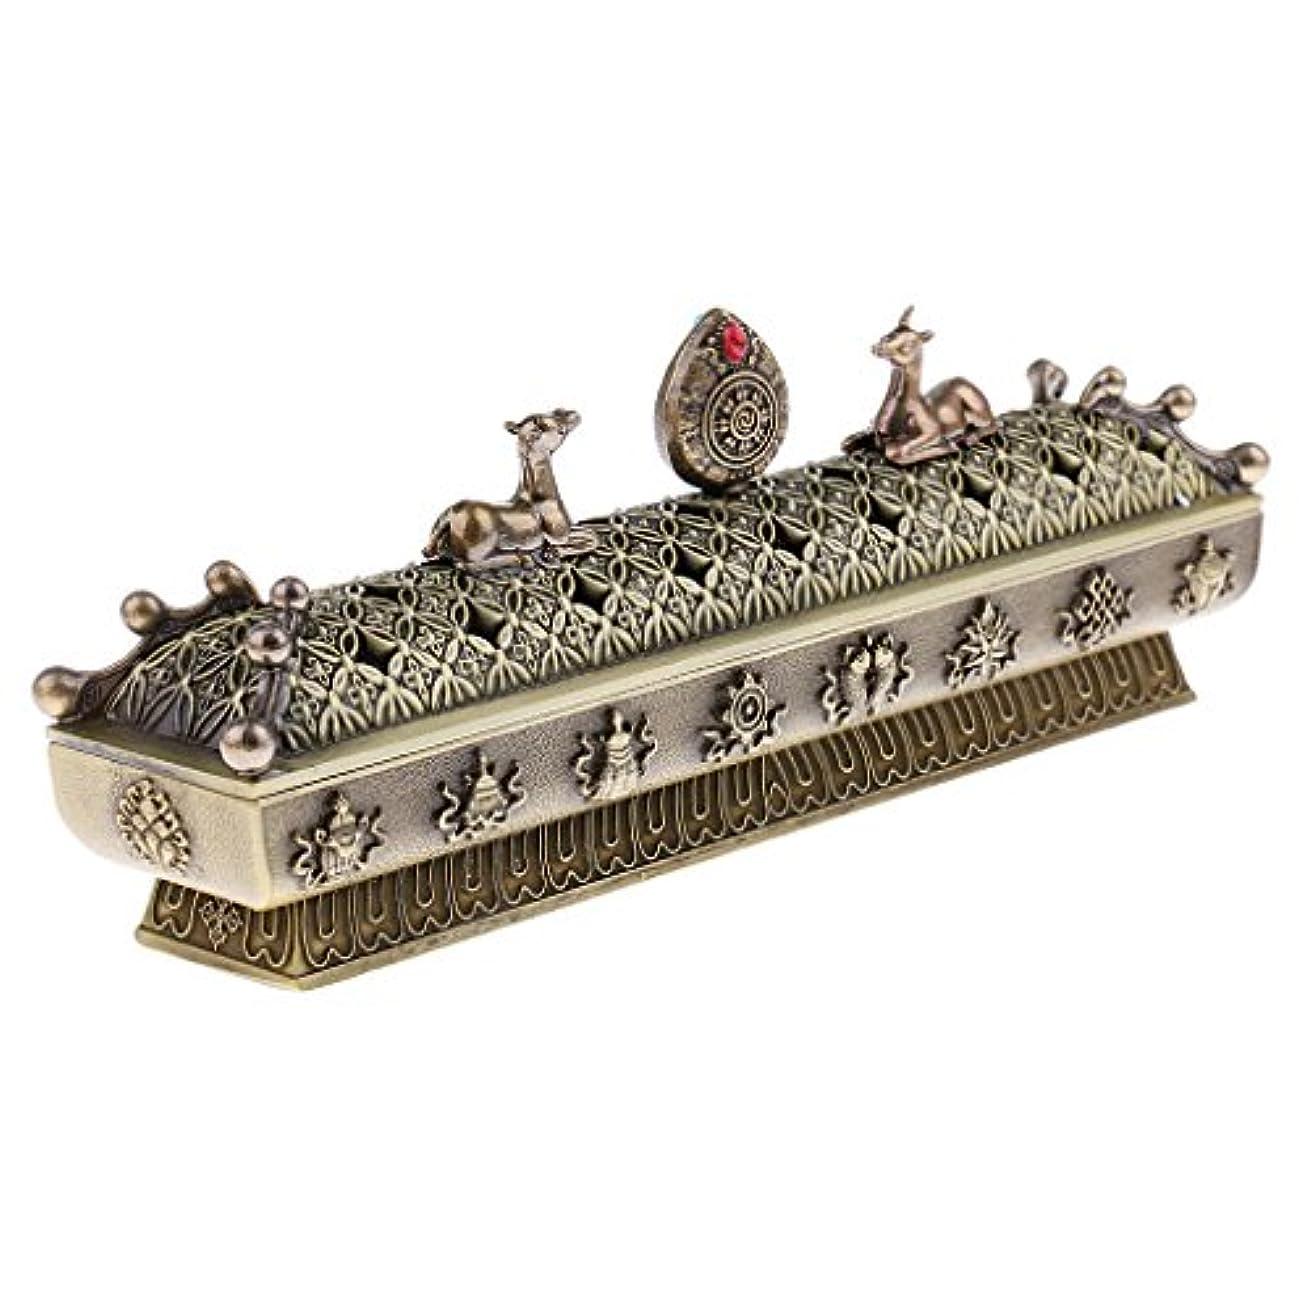 ビル溶かす店主SONONIA 仏教 コーン 香りバーナー アッシュキャッチャー 香炉 全3色 - ブロンズ